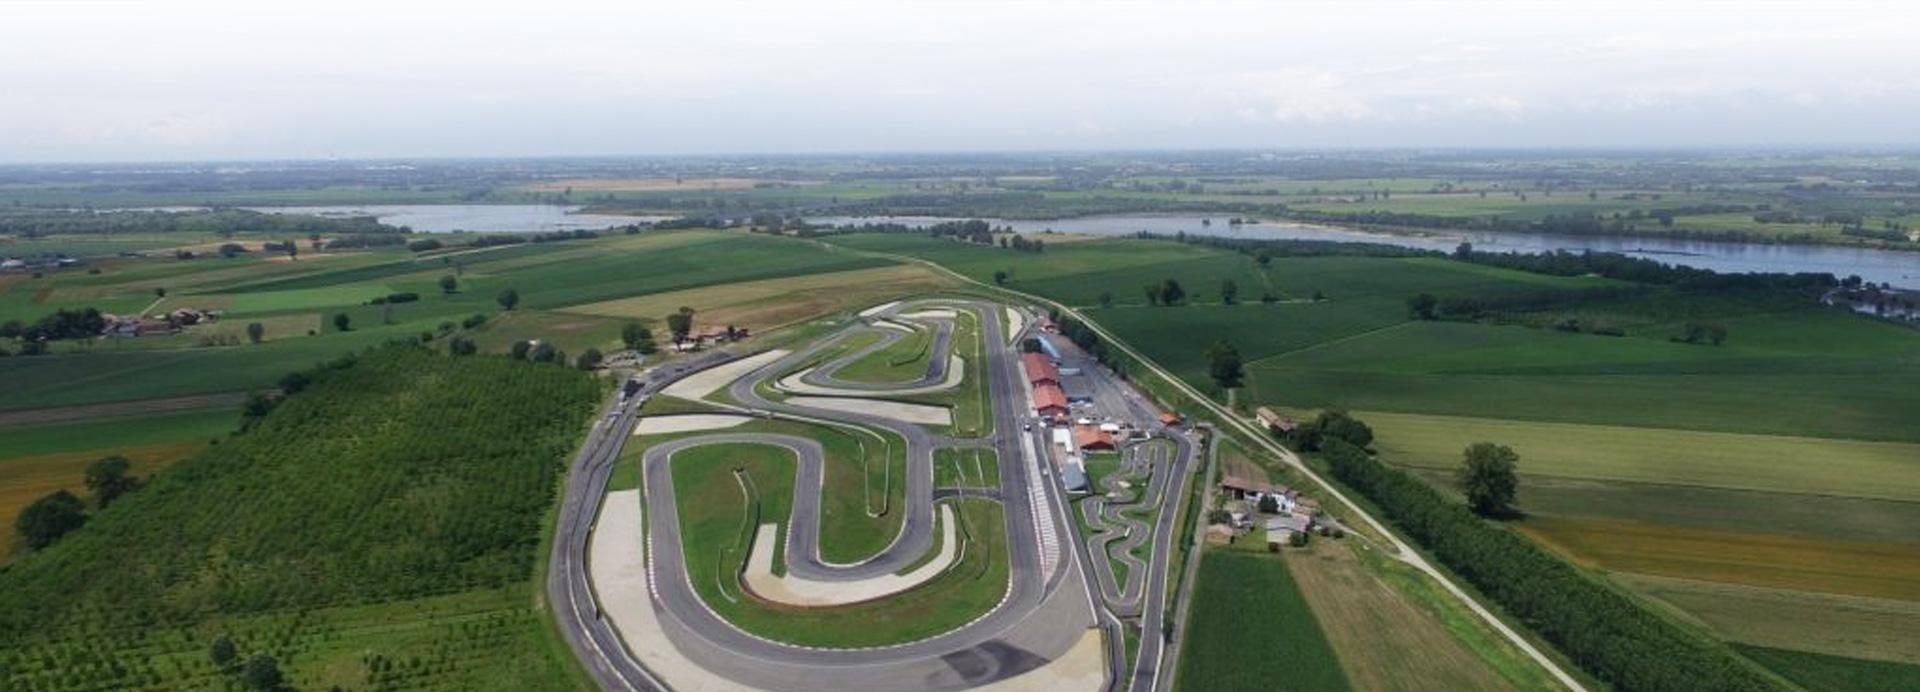 Impianti per Corsi di Guida Sicura - Circuito Autodromo Tazio Nuvolari Cervesina, Pavia